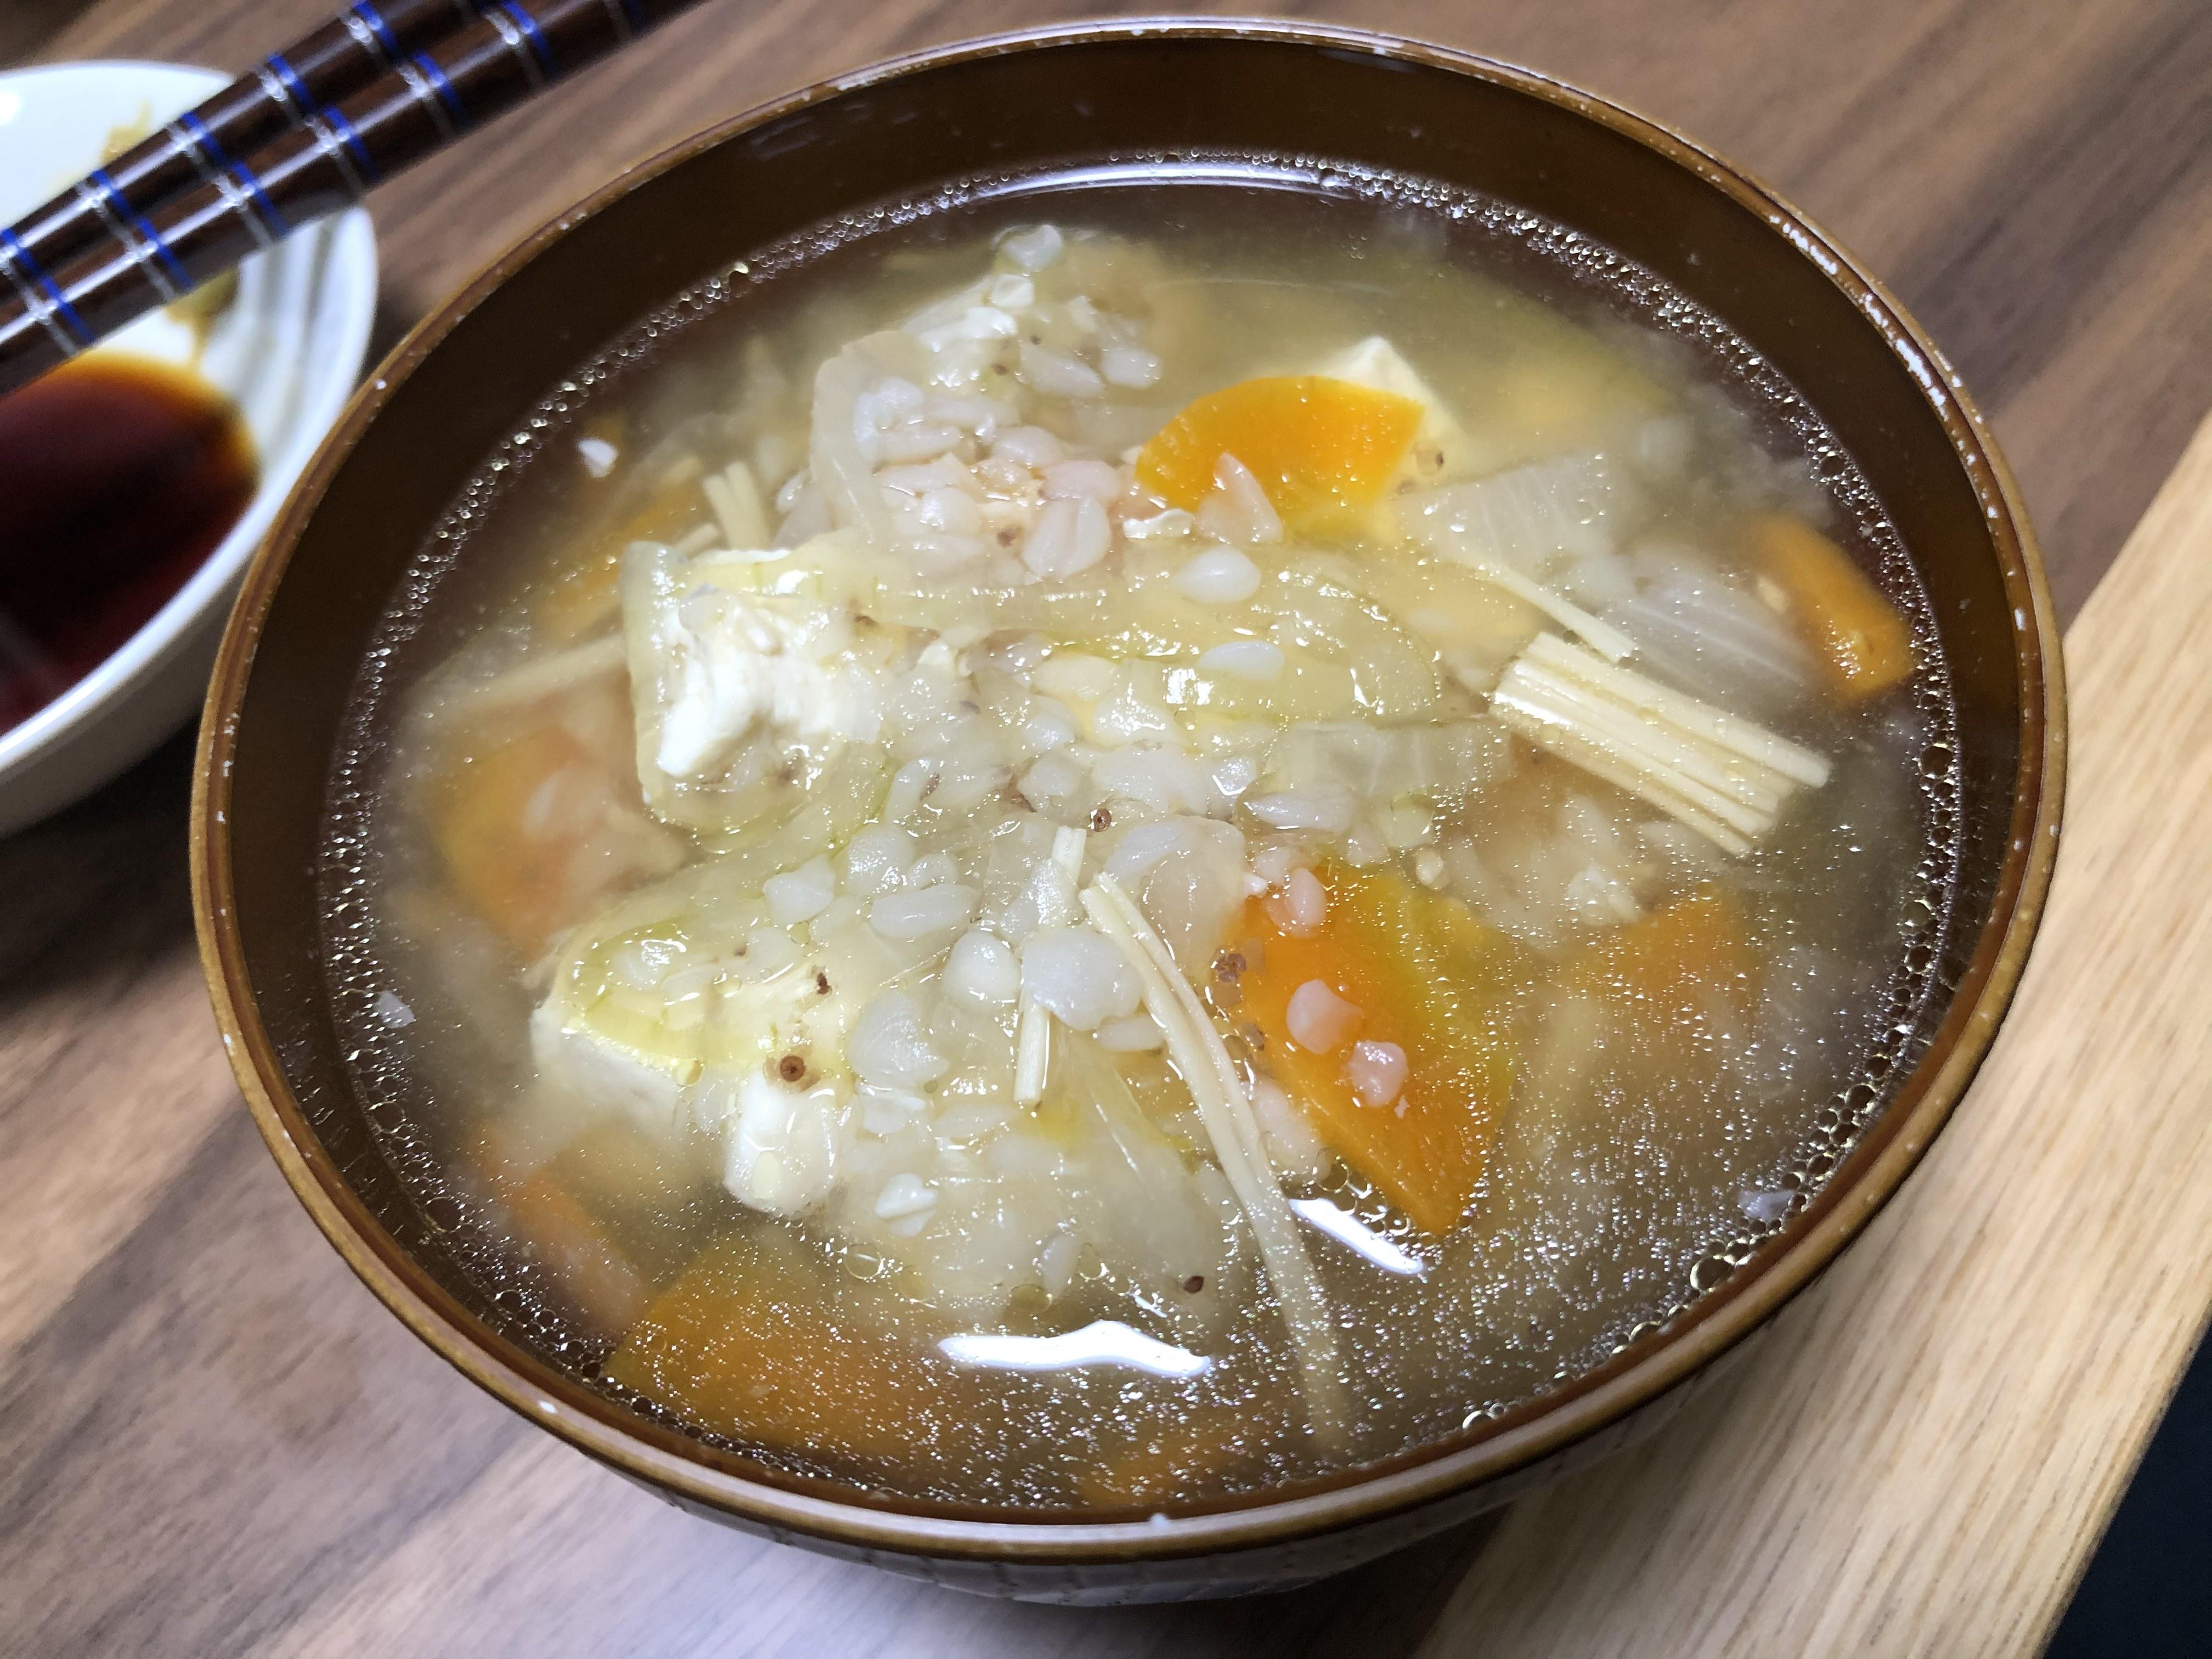 そば米汁!徳島で蕎麦の実を食べるようになった理由と作り方